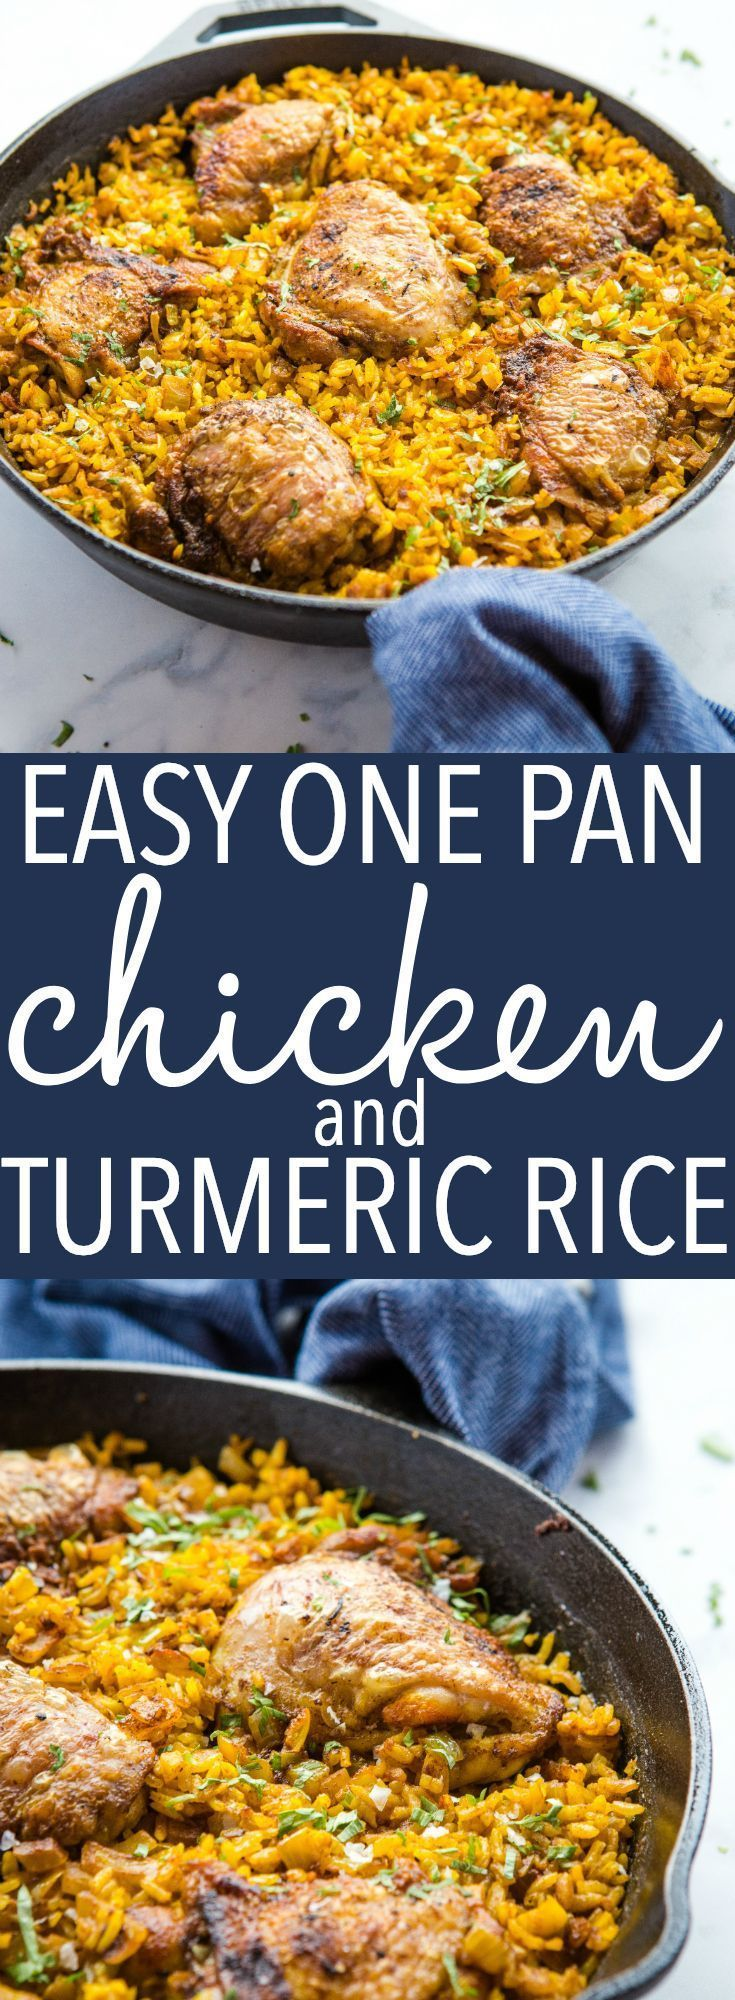 Easy One Pan Chicken mit Kurkuma-Reis #onepandinner #Chicken #Easy #KurkumaReis #mit #Pan Easy One Pan Chicken with Turmeric Rice        Dieses Easy One Pan Chicken mit Kurkuma-Reis ist das perfekte, superleichte Abendessen unter der Woche! Es ist familienfreundlich und in 30 Minuten auf dem Tisch! Rezept von thebusybaker.ca! #Reis #Kurkuma #gesund #onepandinners Easy One Pan Chicken mit Kurkuma-Reis #onepandinner #Chicken #Easy #KurkumaReis #mit #Pan Easy One Pan Chicken with Turmeric Rice #onepanchicken